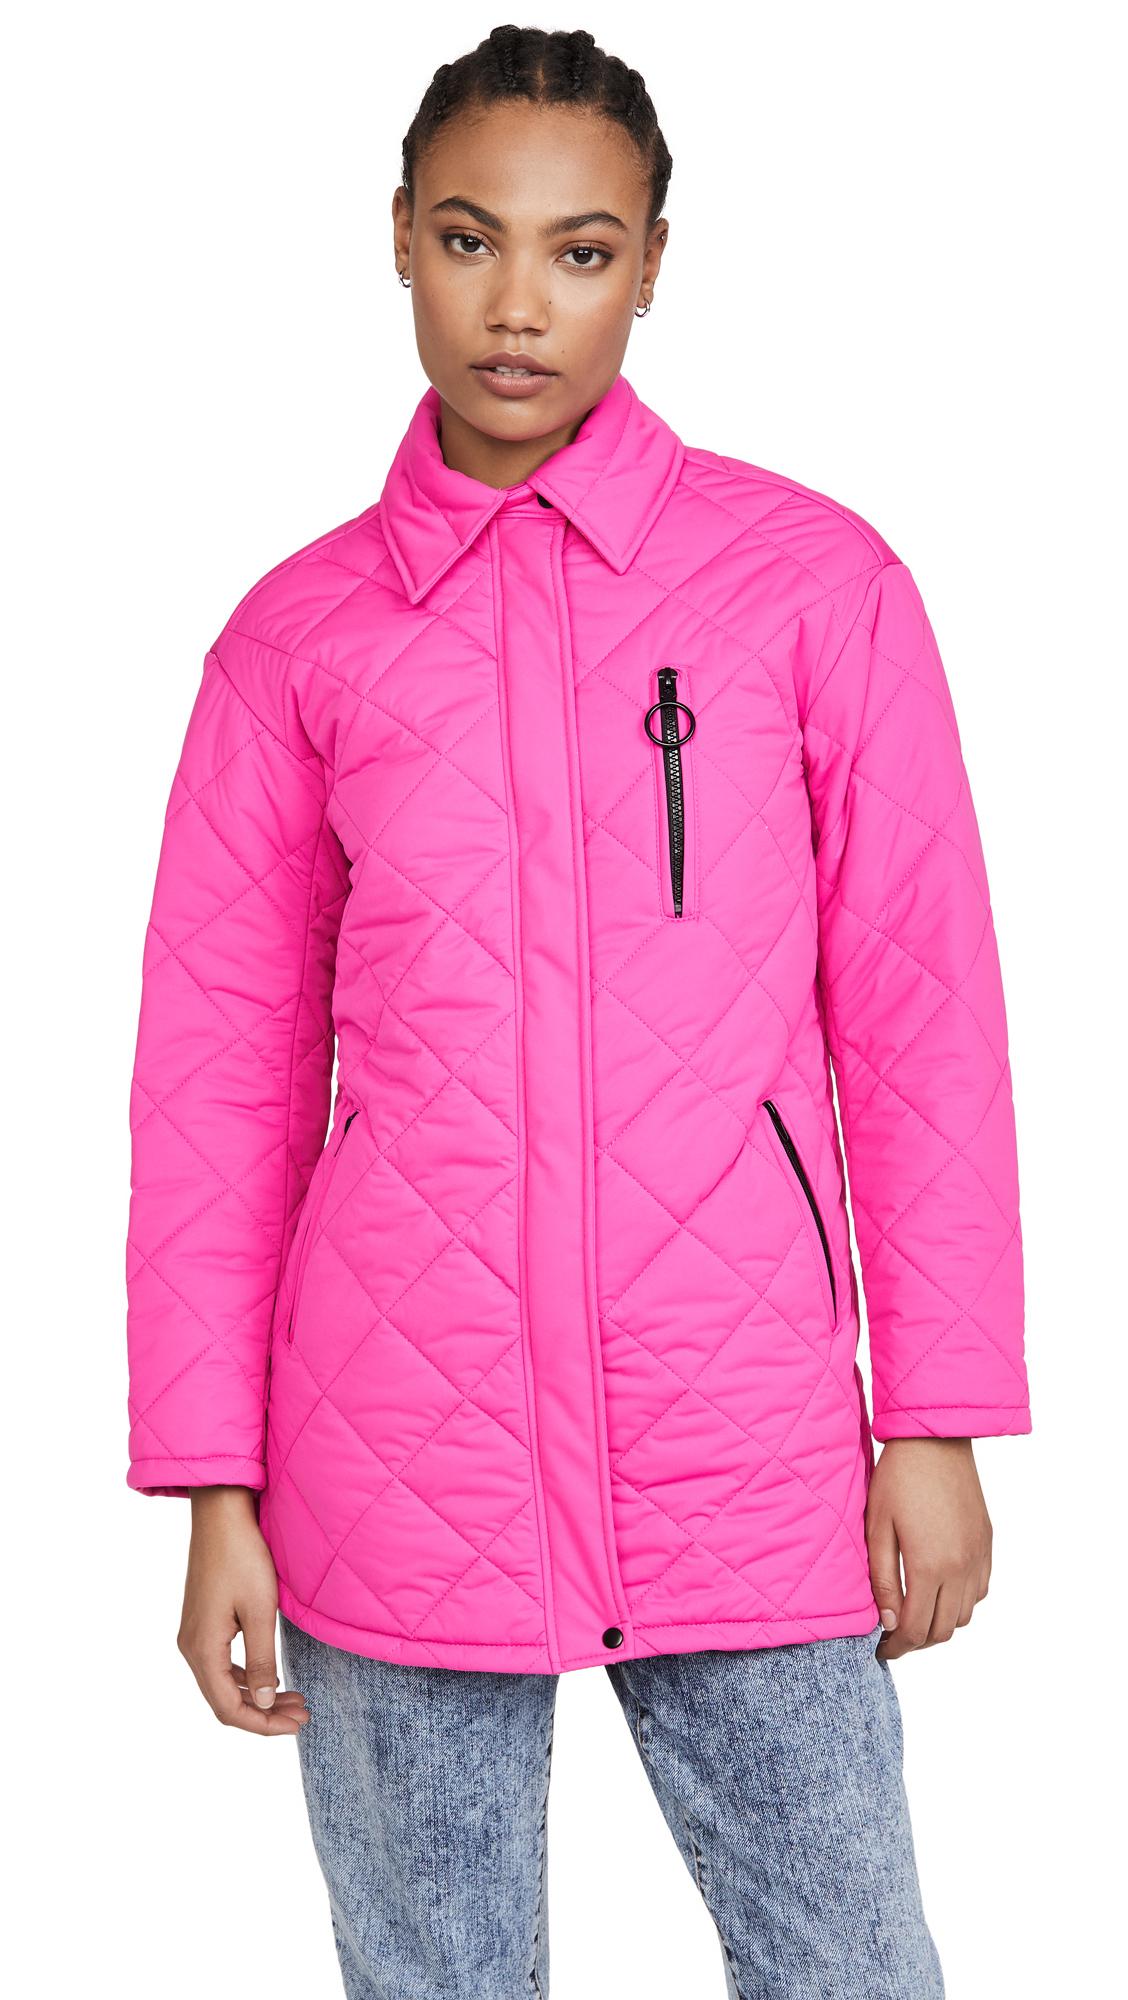 Buy Avec Les Filles Diamond Quilted Jacket online beautiful Avec Les Filles Jackets, Coats, Down Jackets